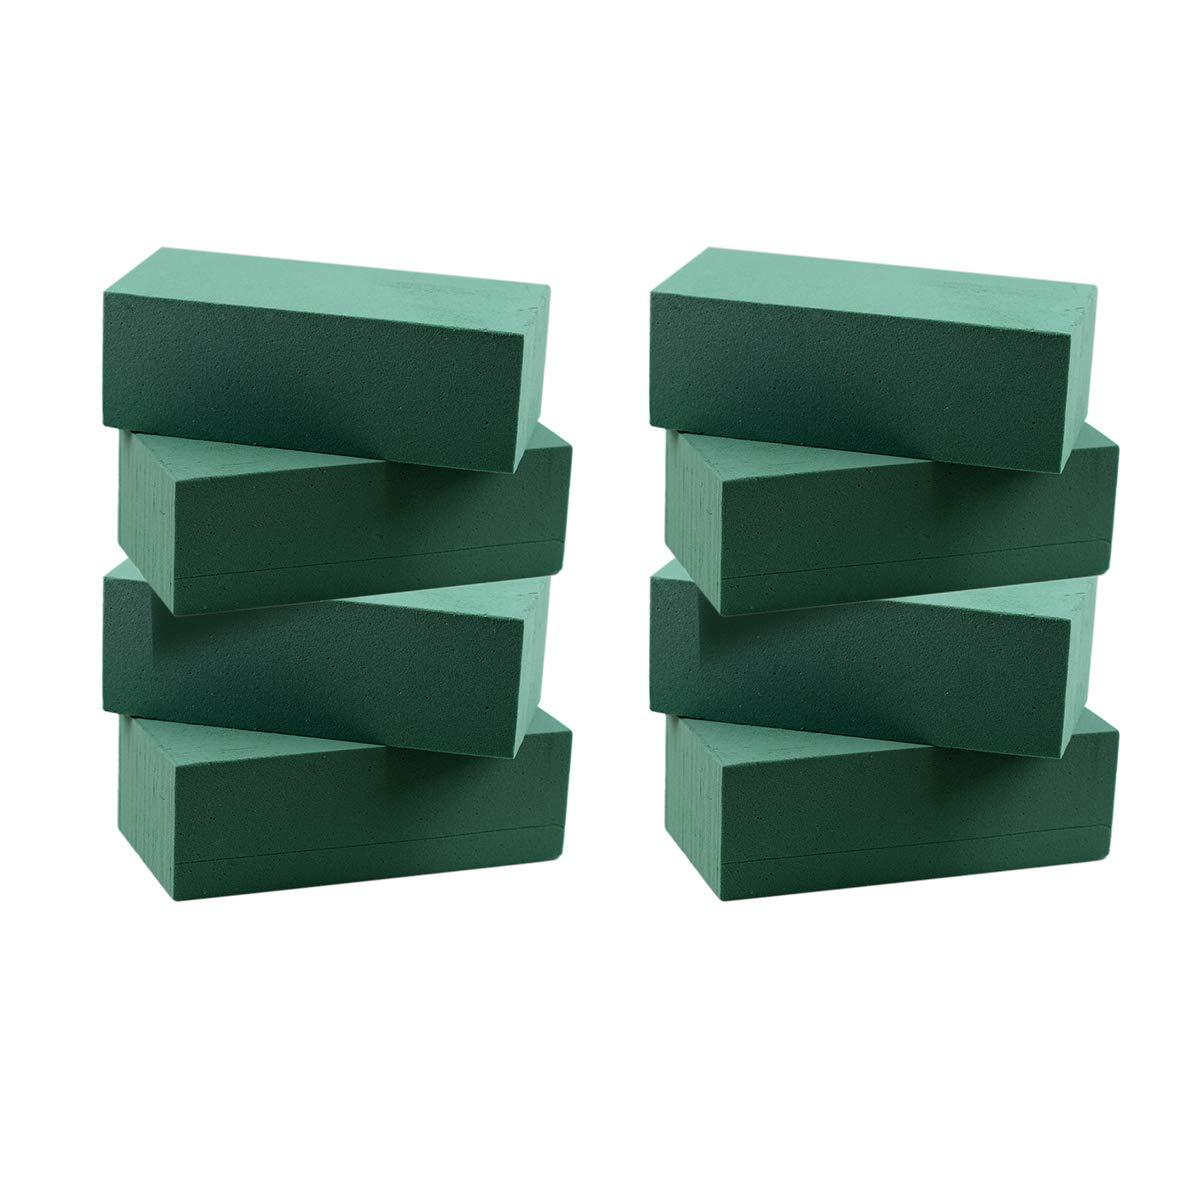 8 pezzi floreale Dry Wet Foam Block Styrofoam Block for Fresh Cut composizioni floreali Yeenee